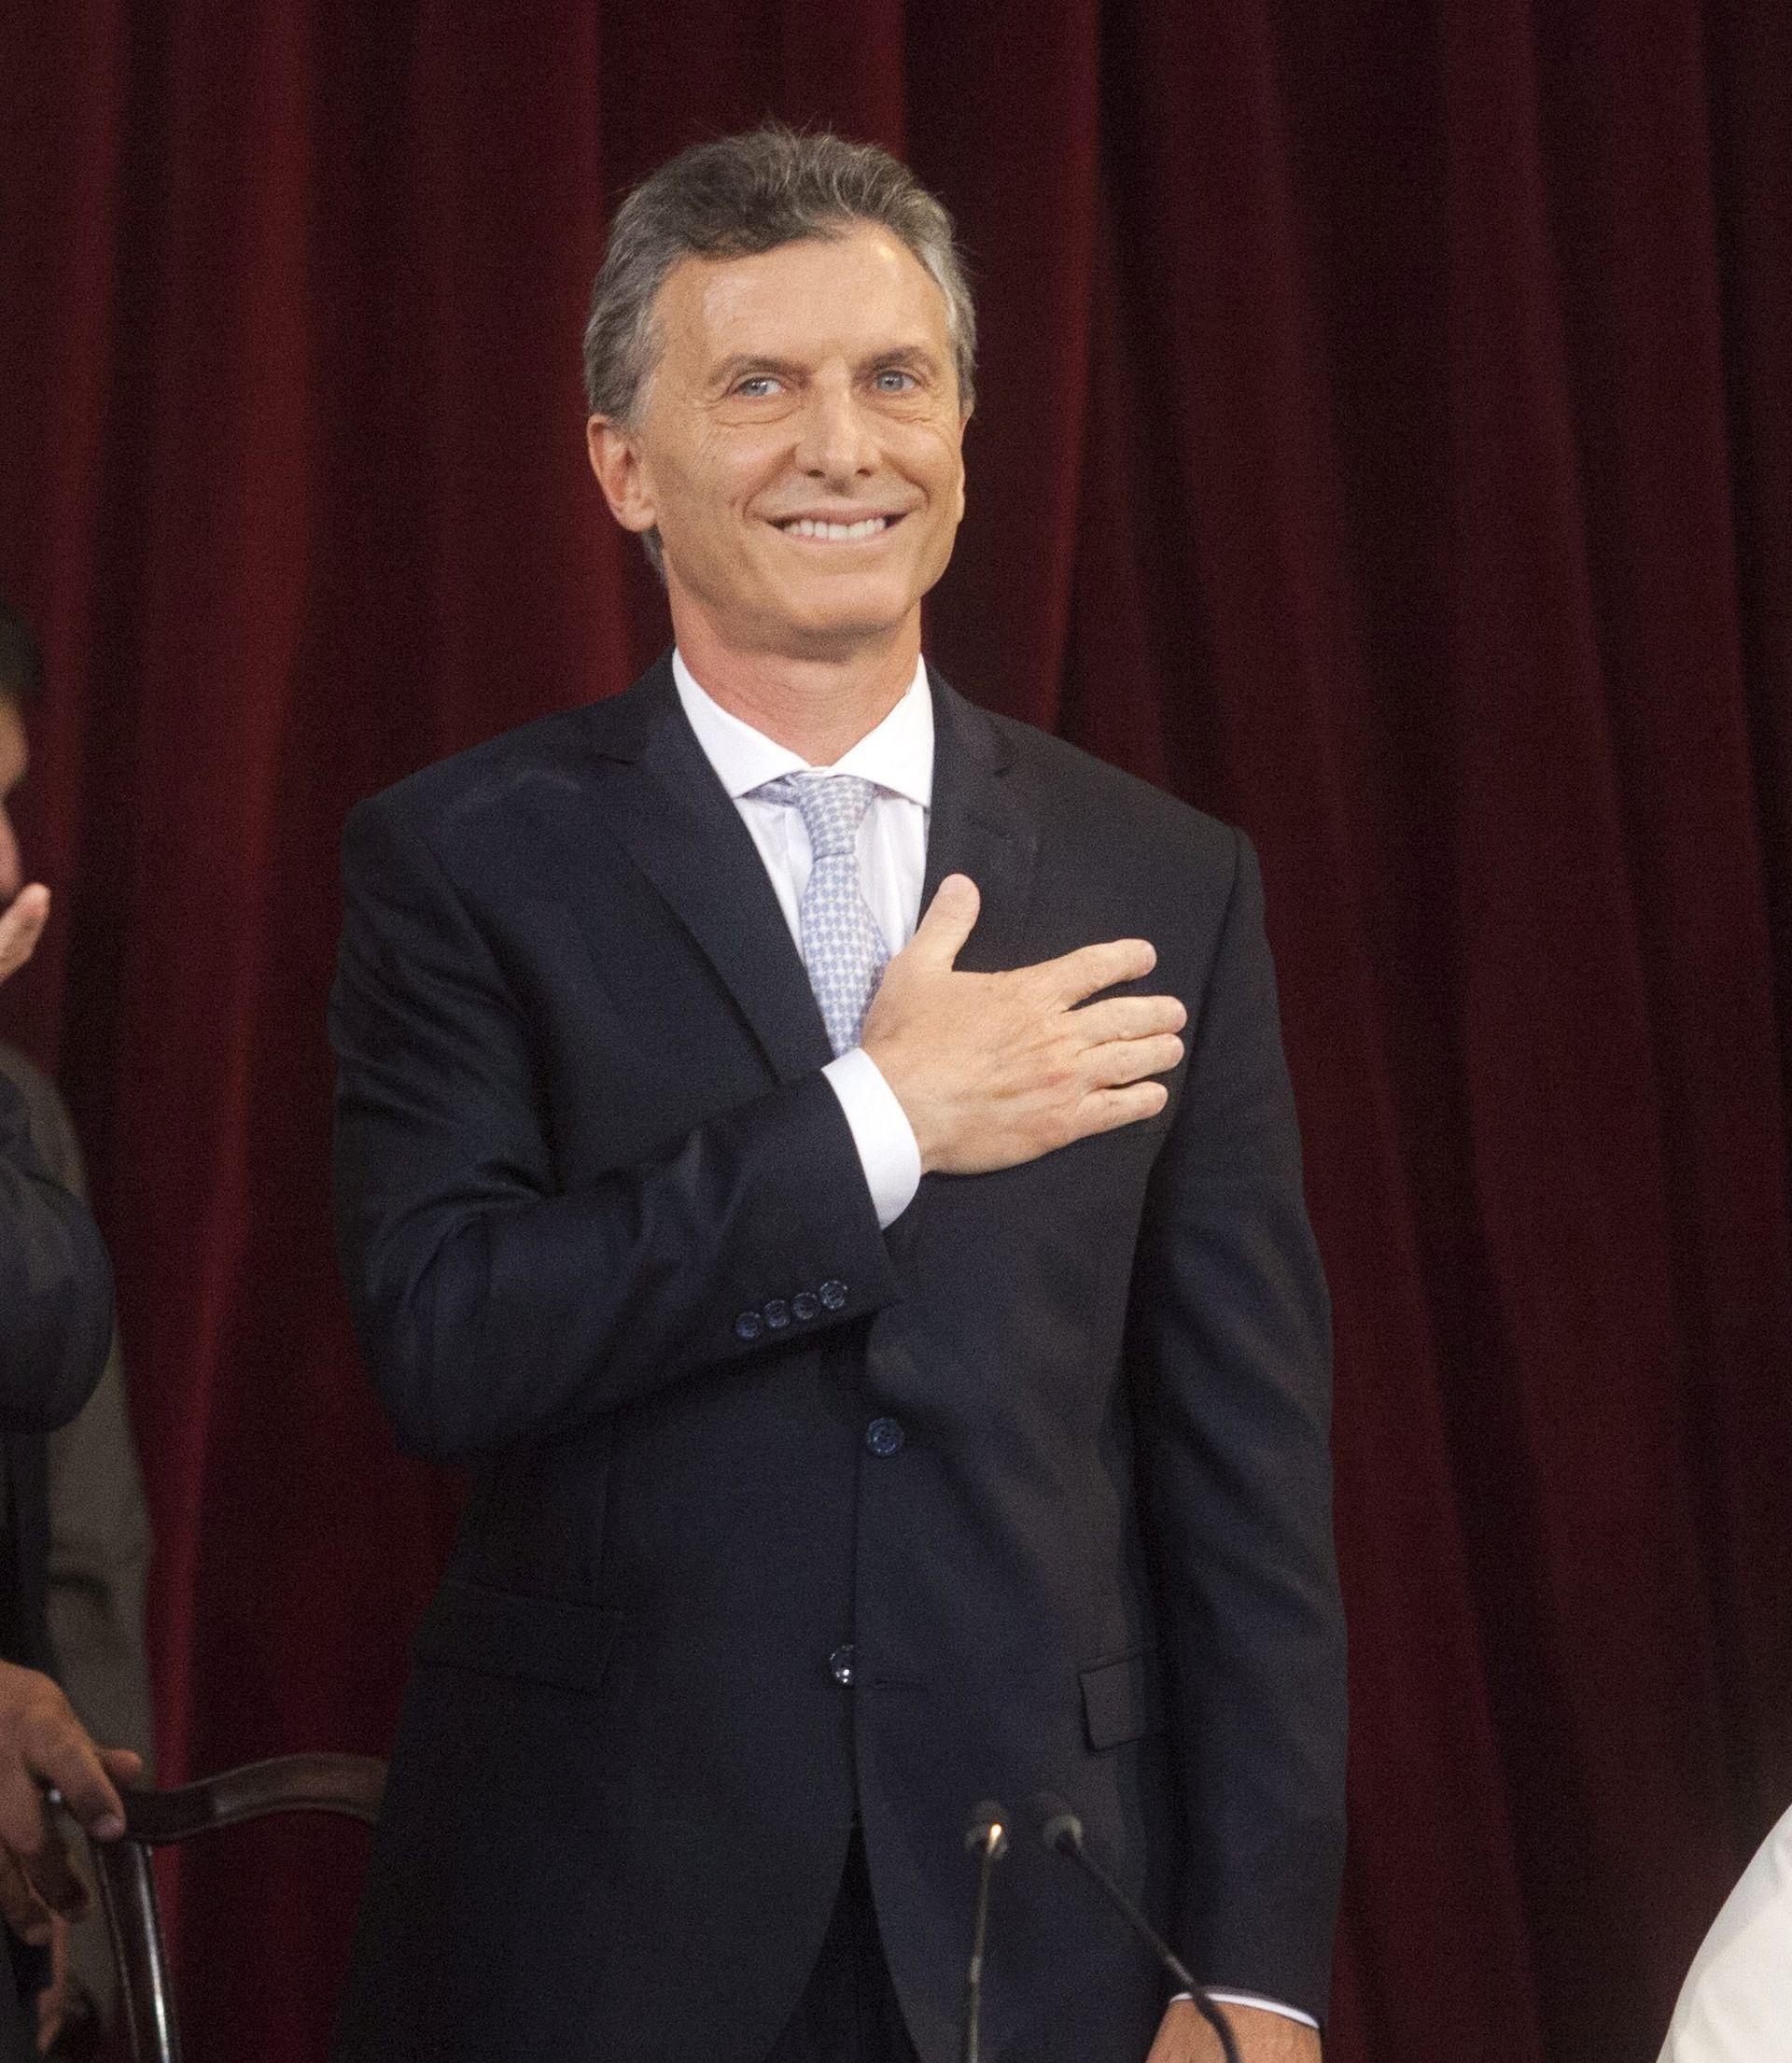 INAUGURACIJA BEZ PRETHODNICE : Macri prisegnuo, Fernandez nije došla